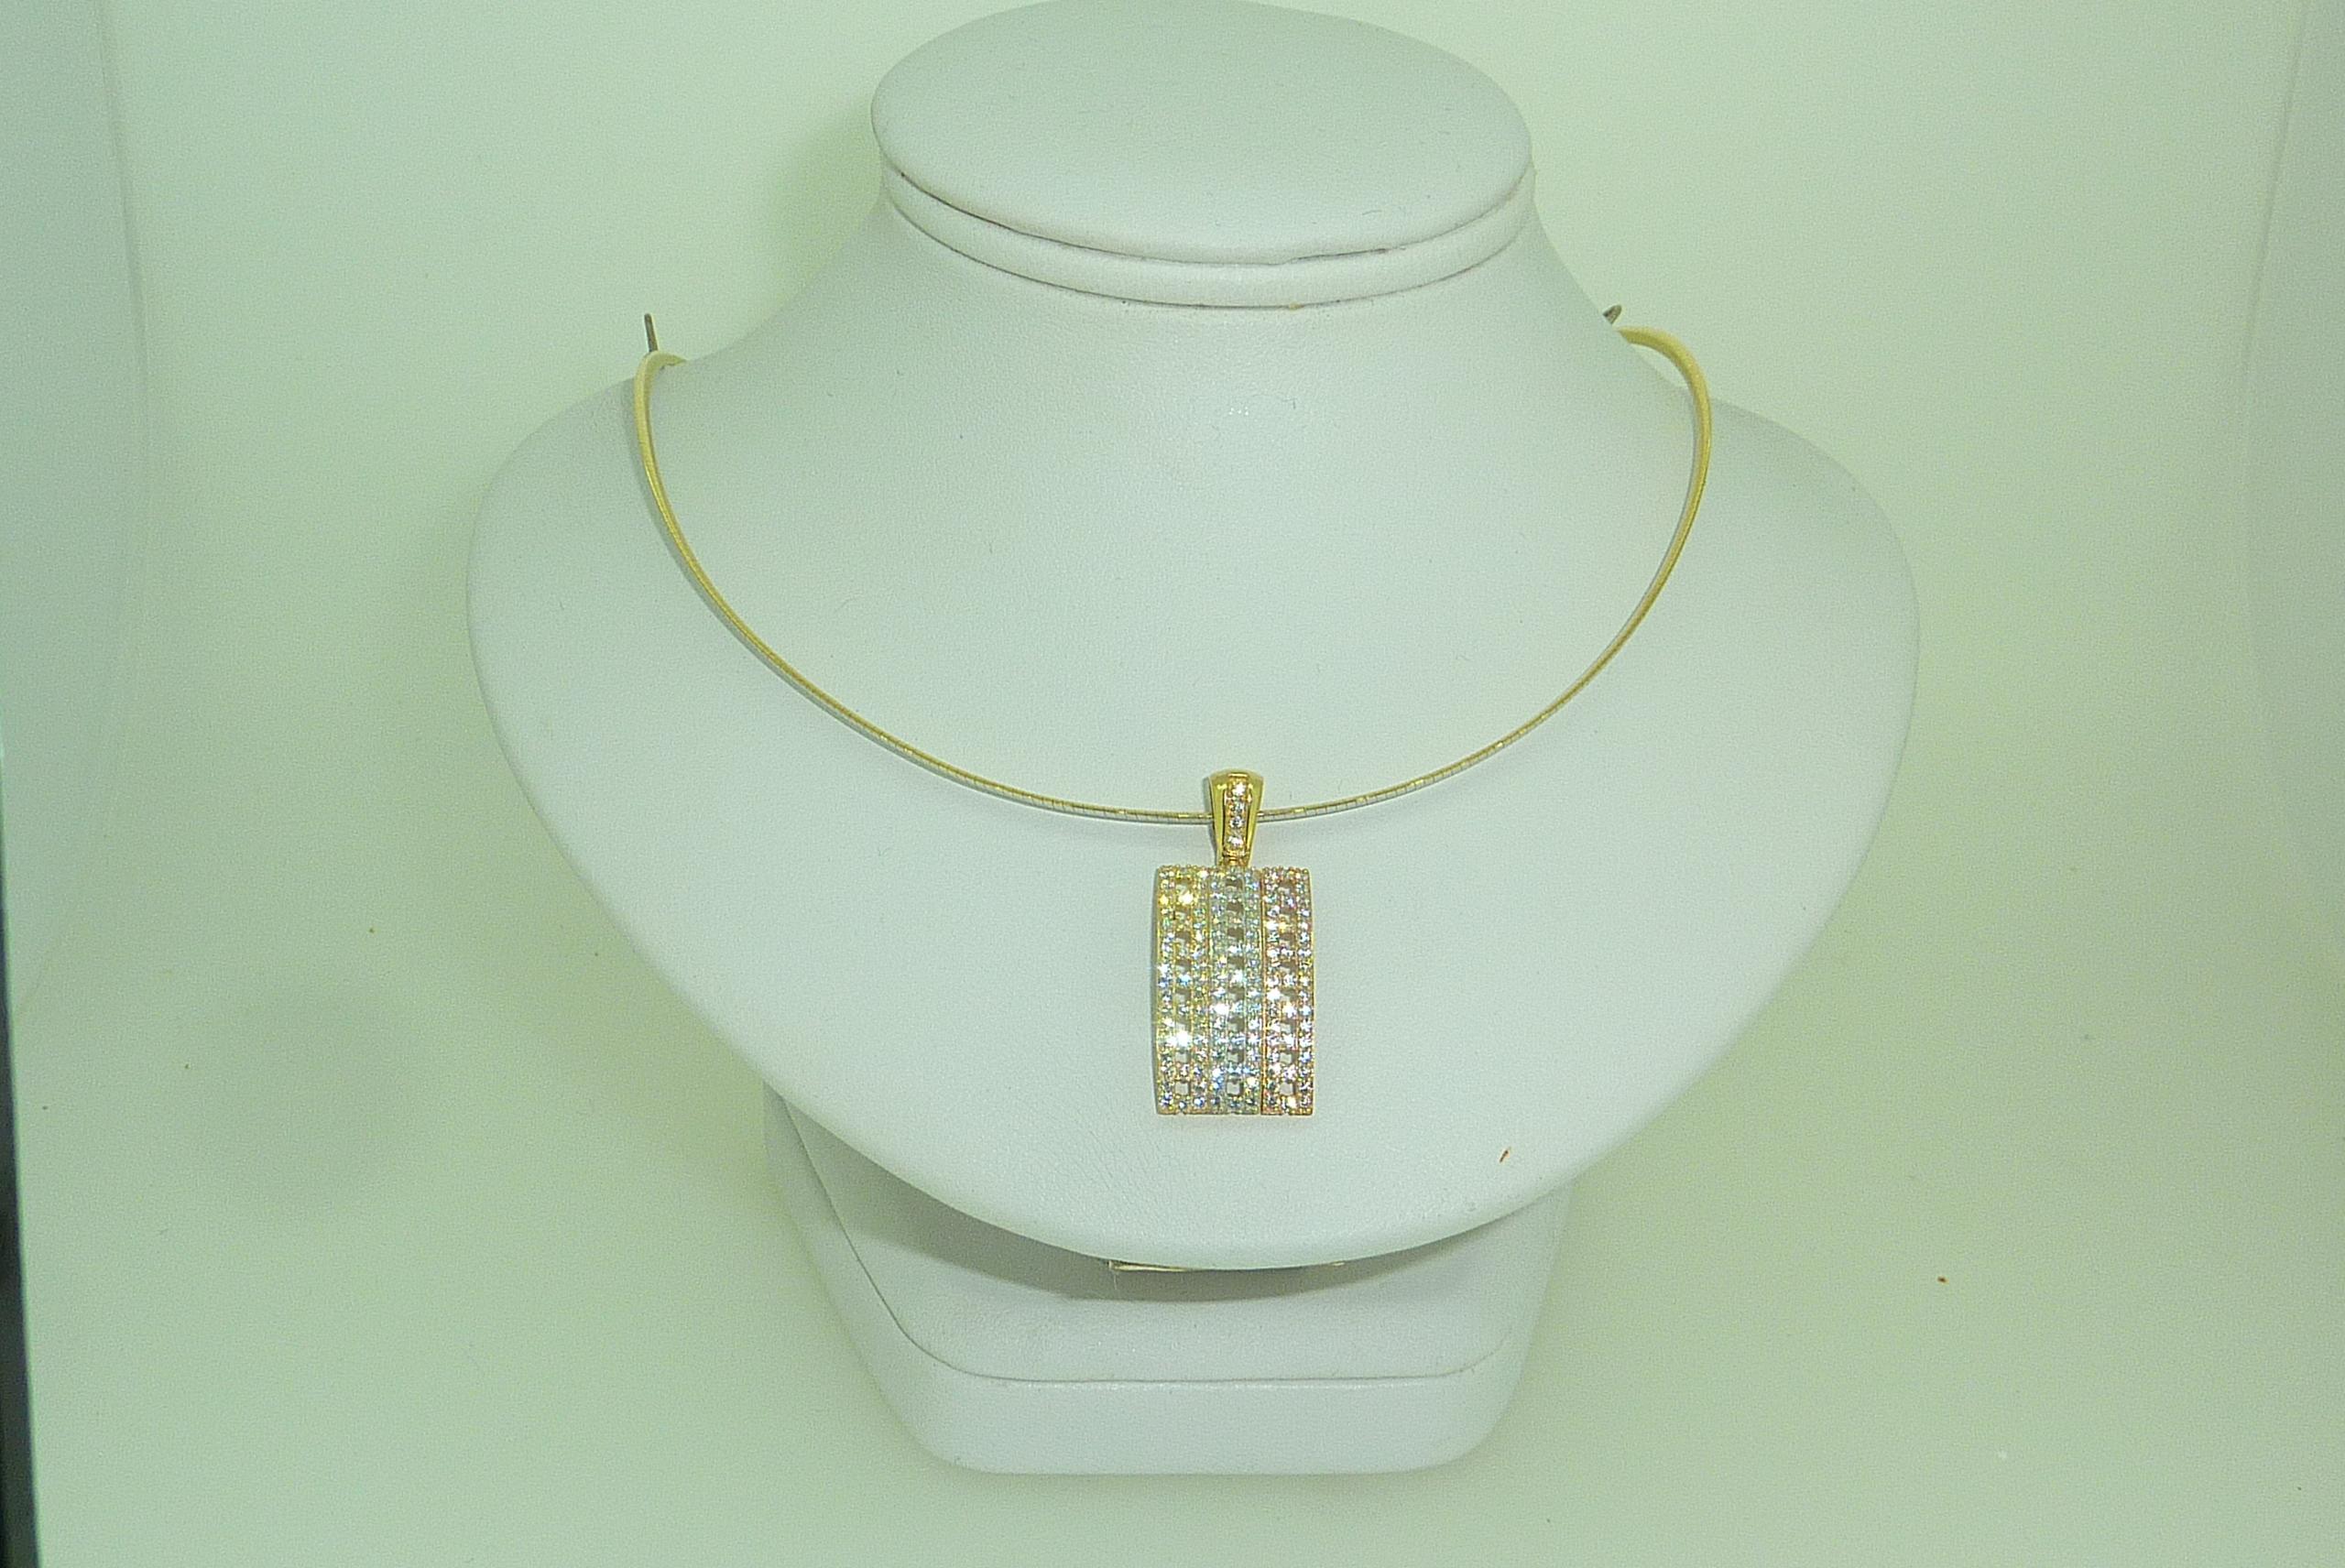 Collier oméga & pendentif or 18 carats